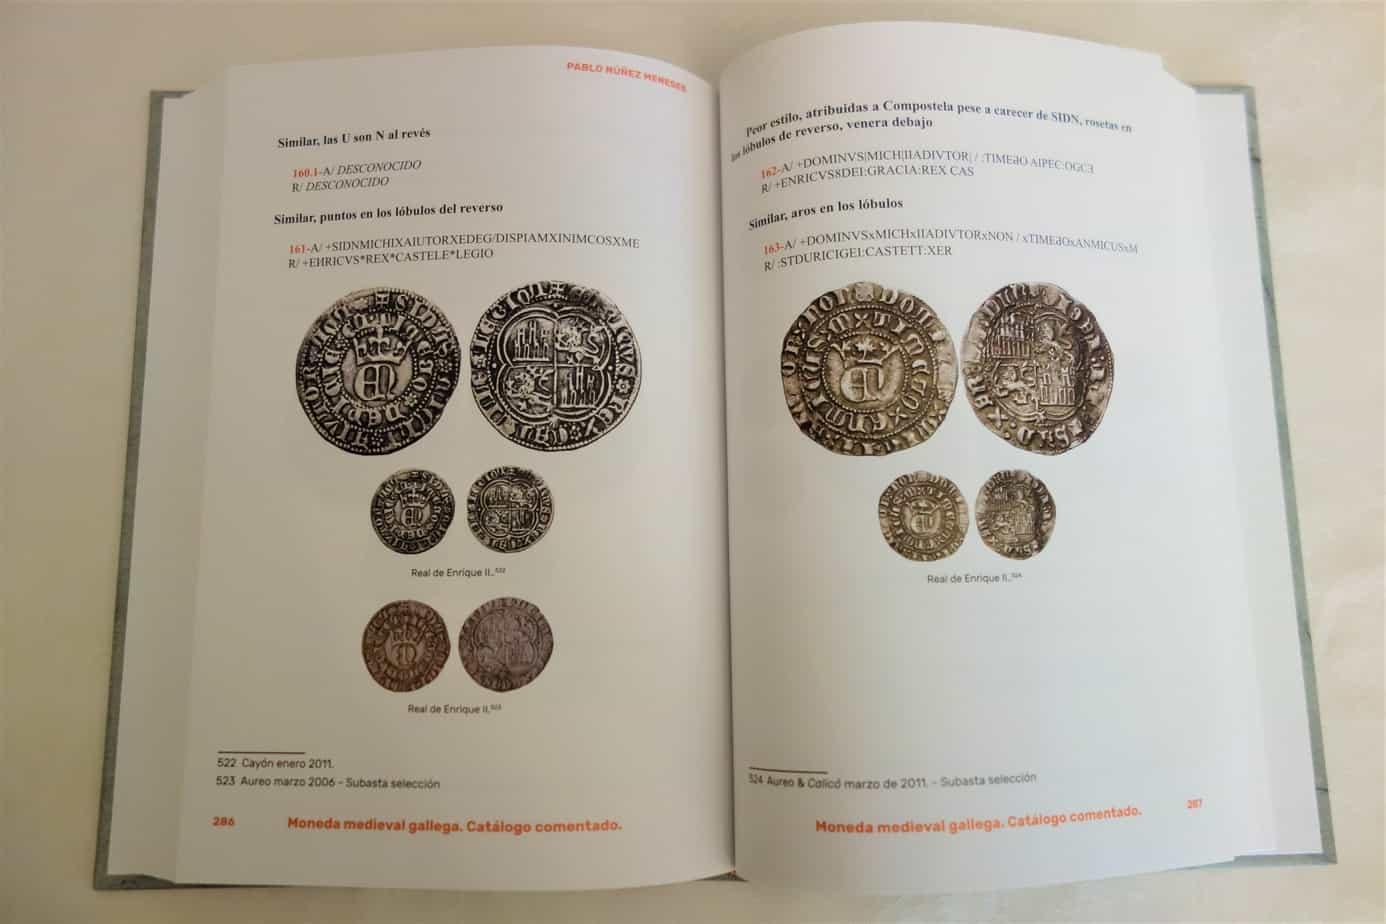 Páginas 286-287 de catálogo